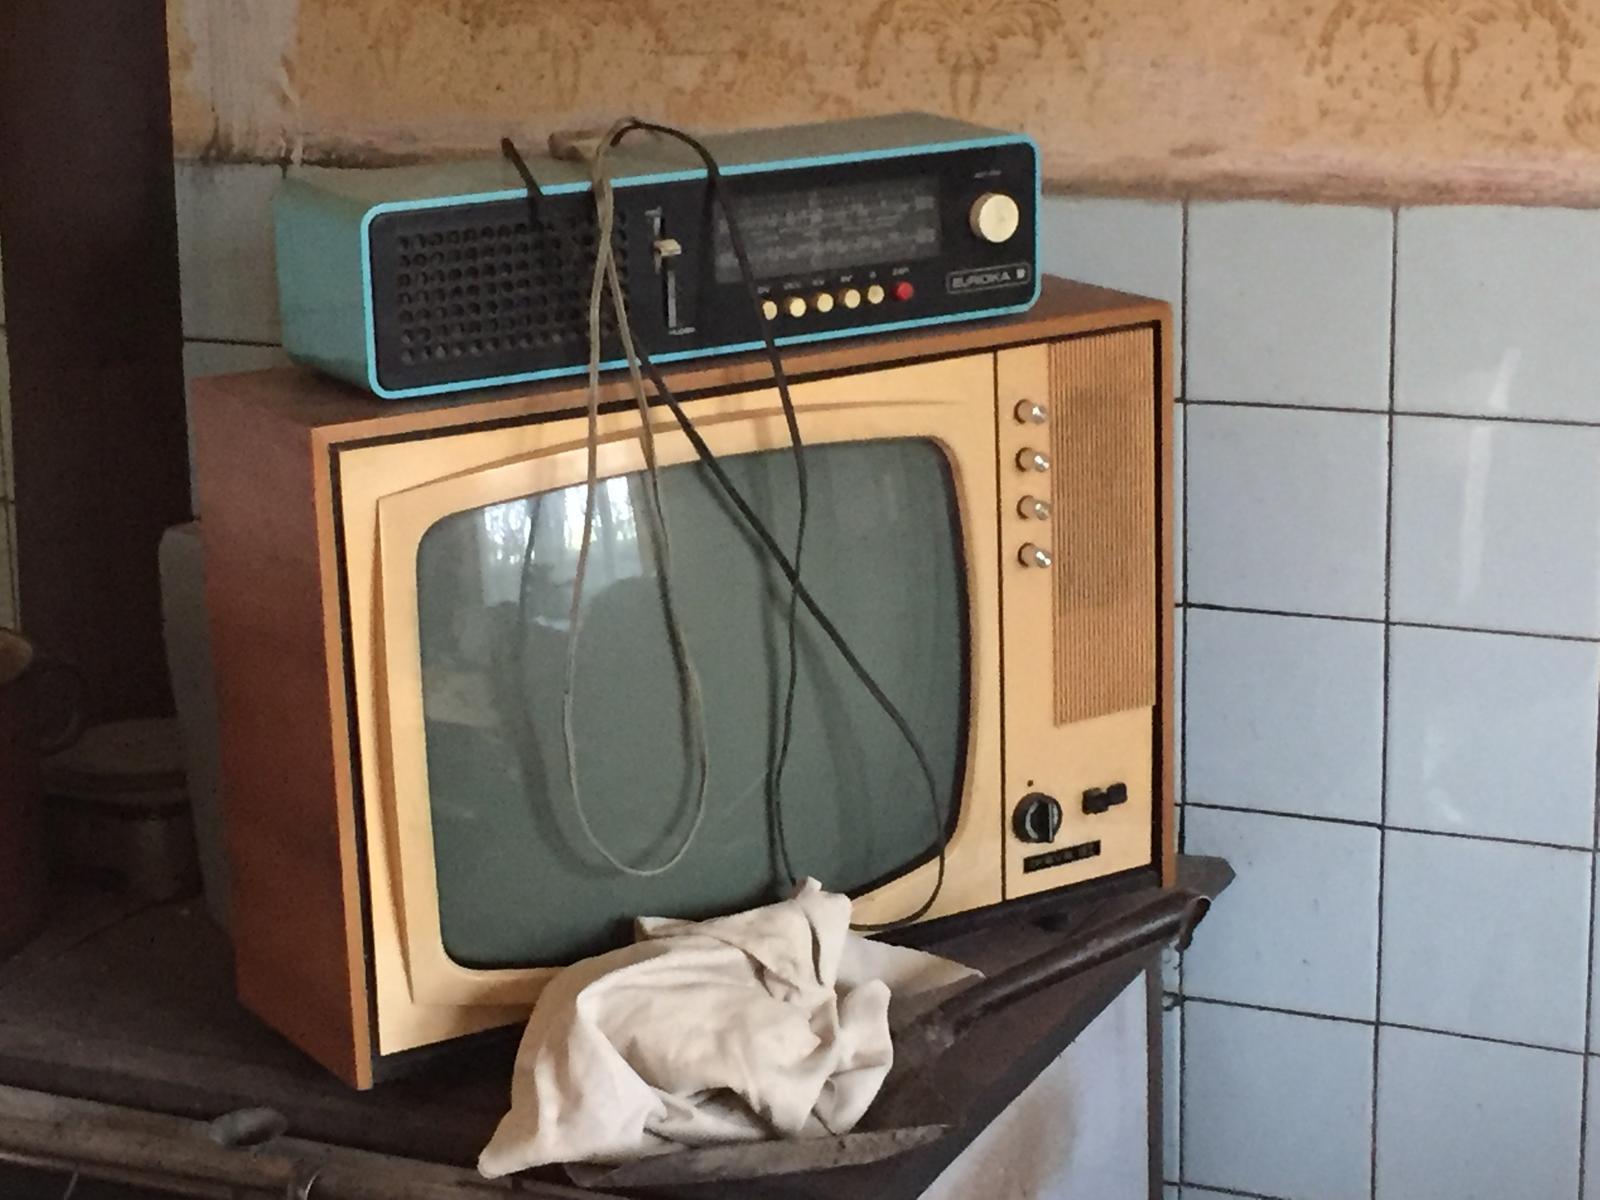 Perníková chalúpka - televízor a rádio použijem ako dekoráciu